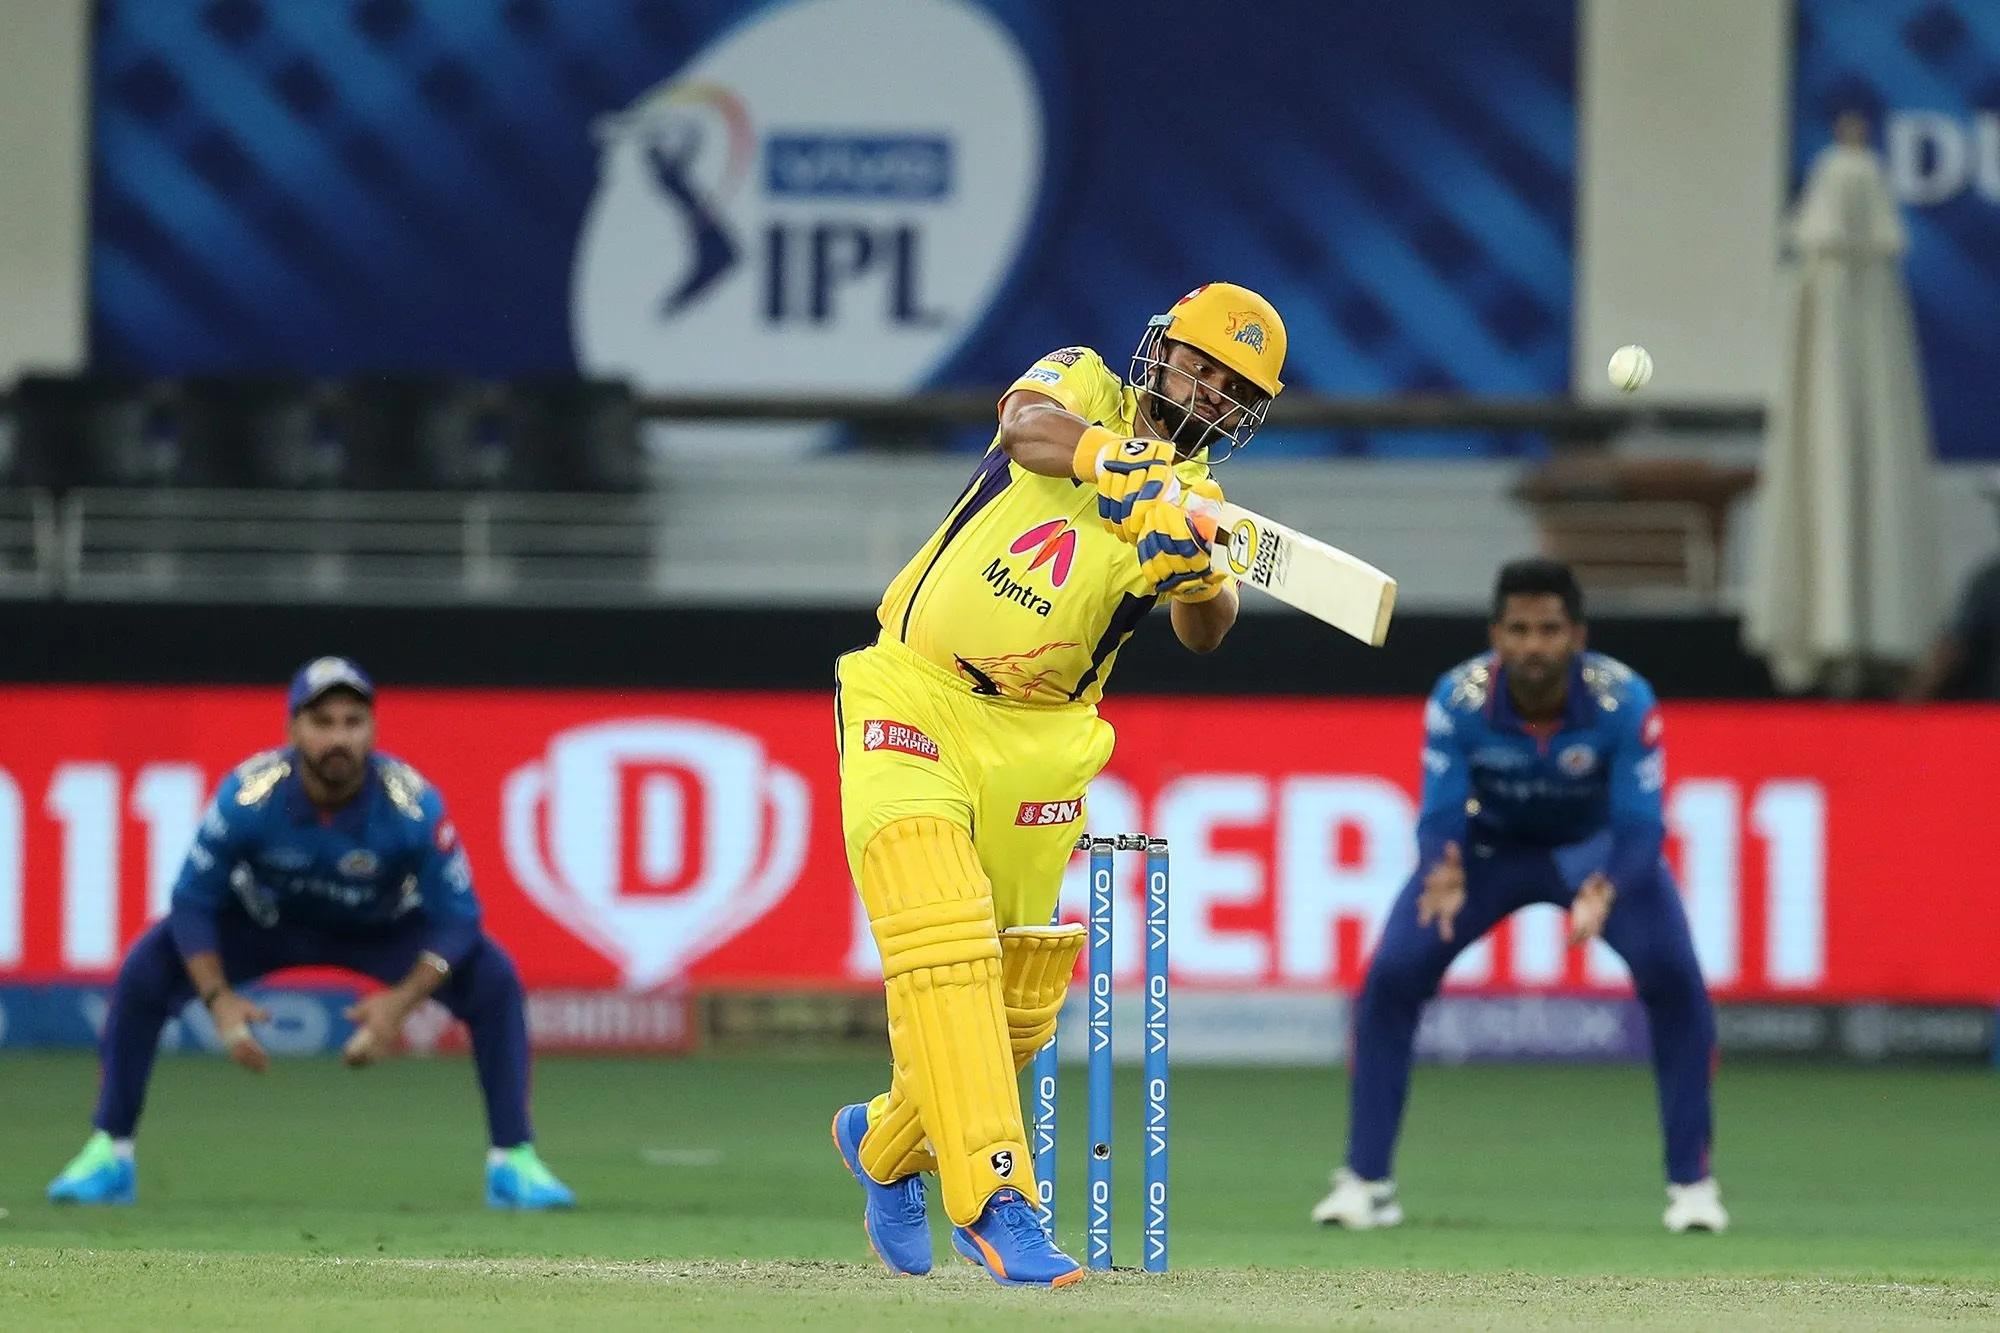 रैना ने 6 गेंद में कुल 4 रन बनाए।